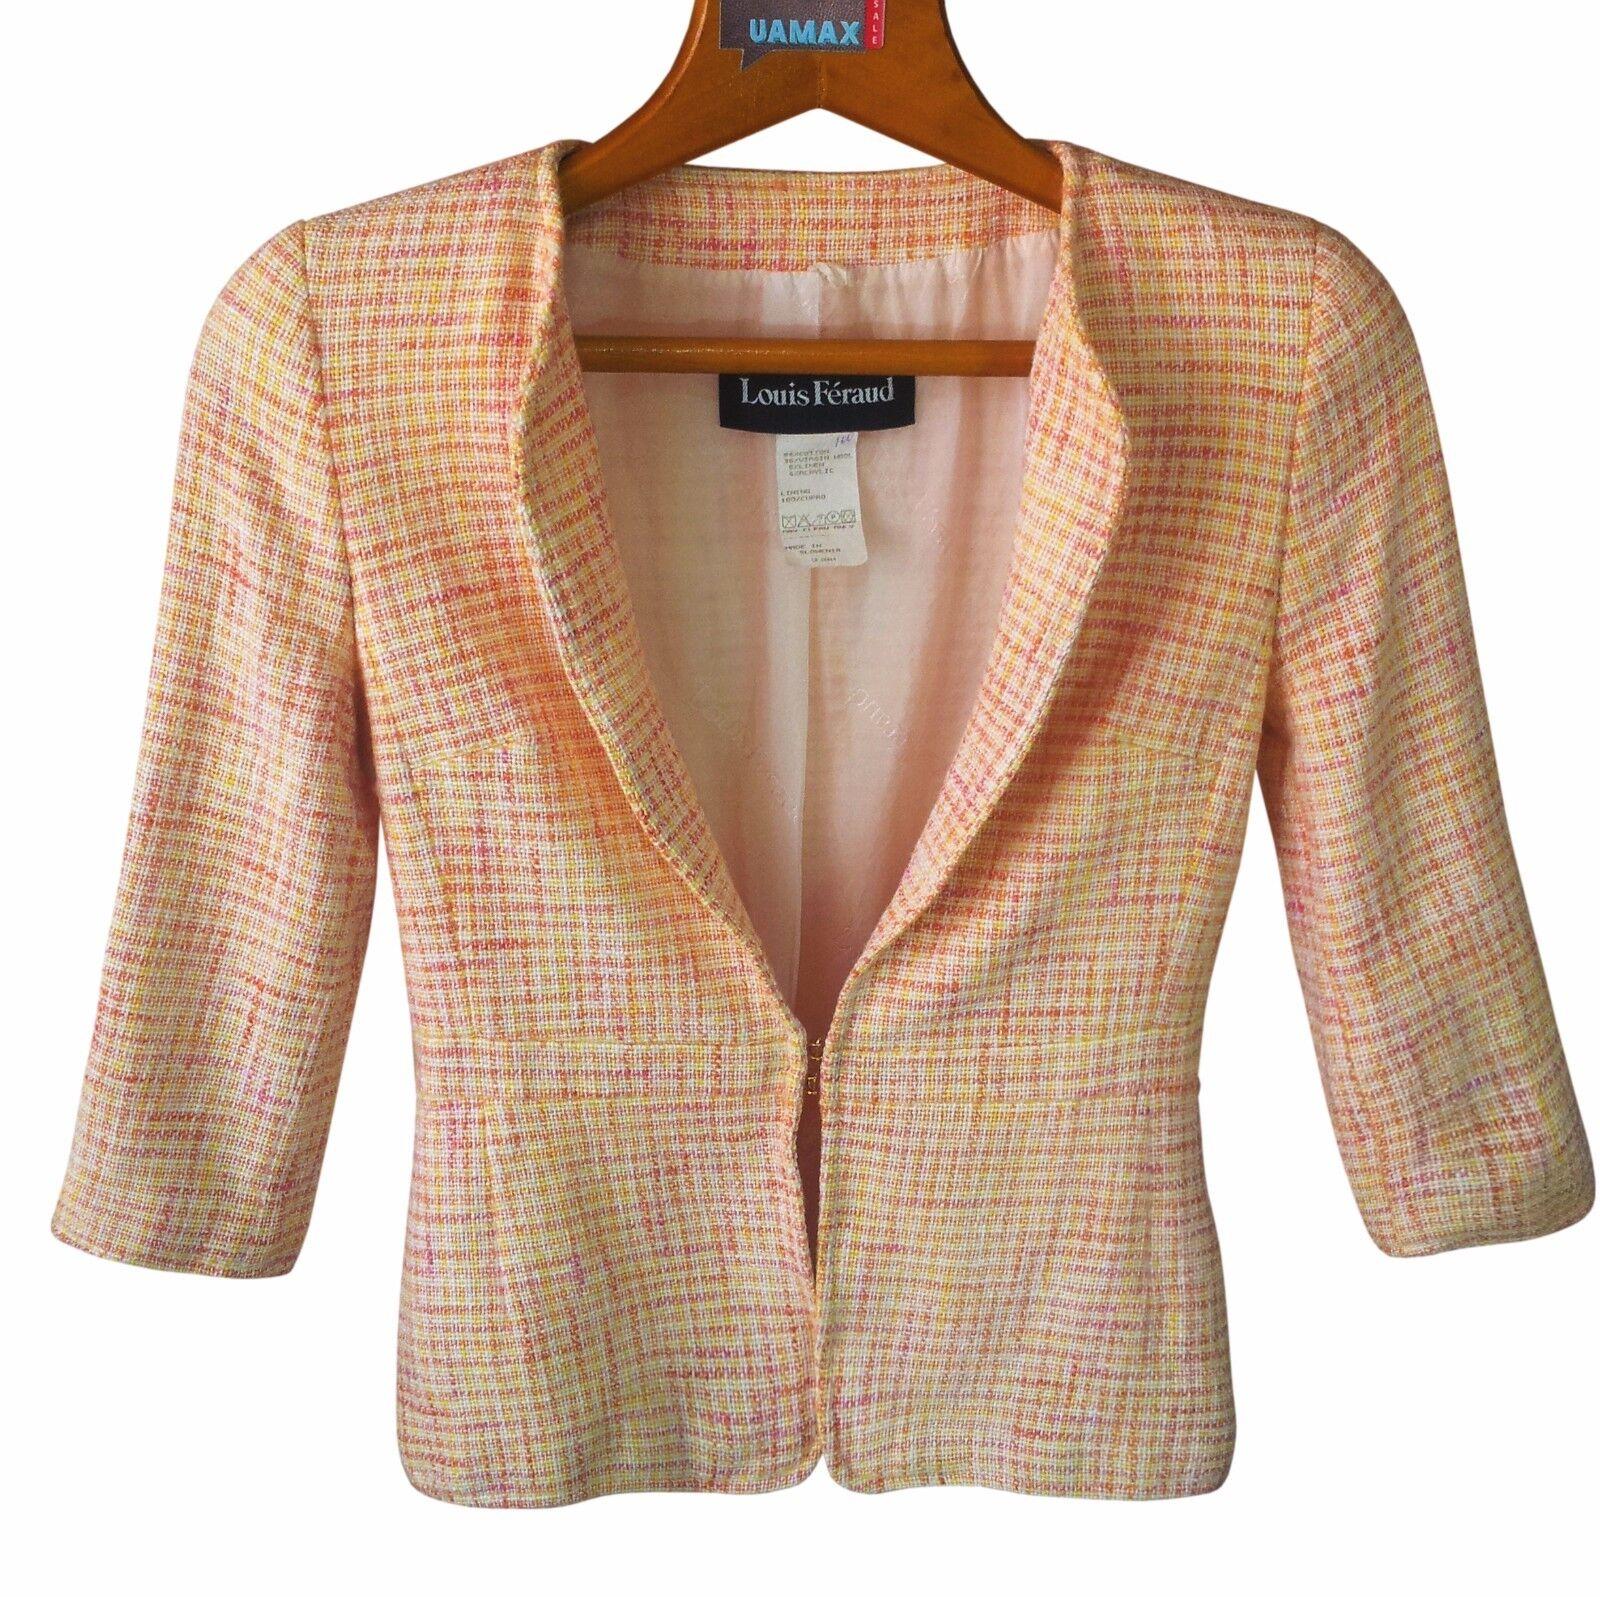 LOUIS FERAUD Women Wool Blazer Size M Womens orange Blazer Plaid NWT  270